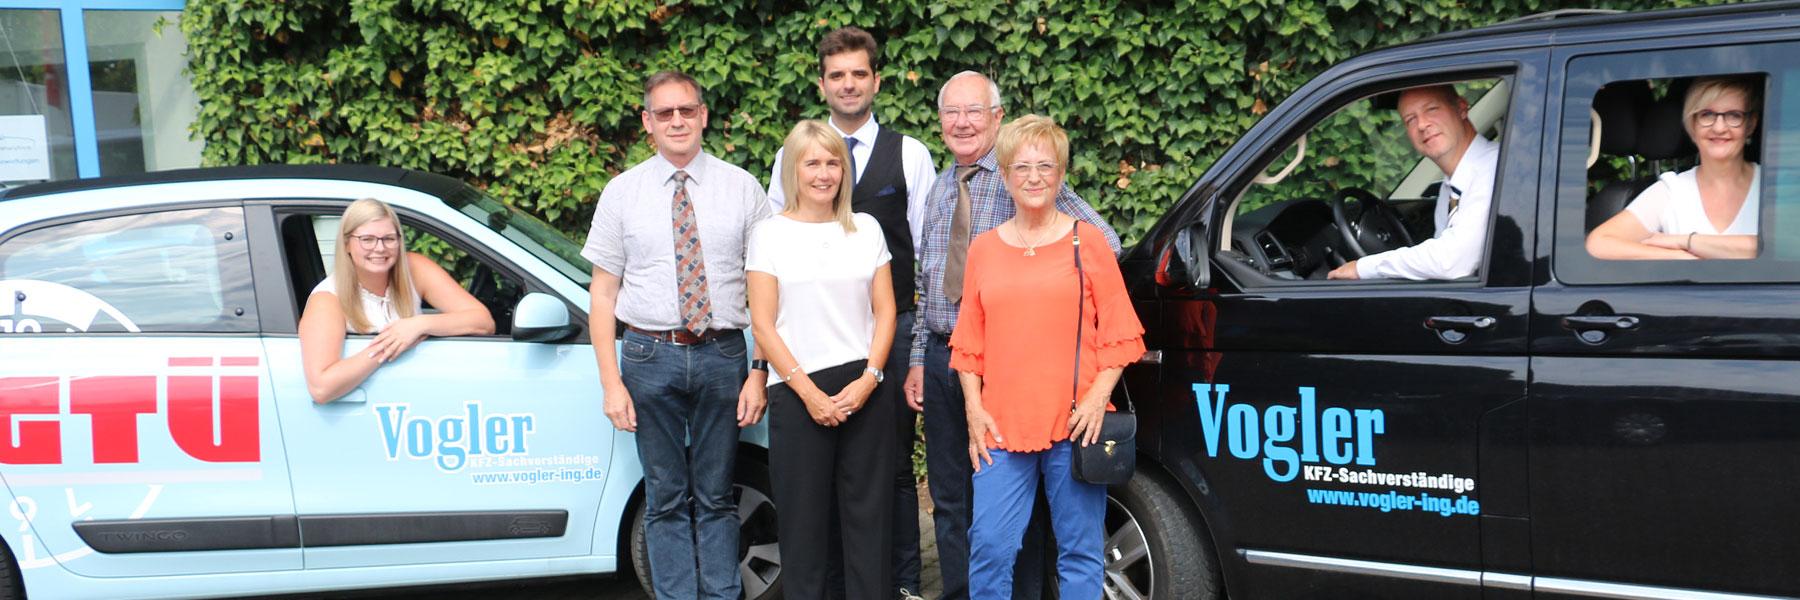 Über uns - Vogler GmbH - Ingenieurbüro für das Kraftfahrzeugwesen